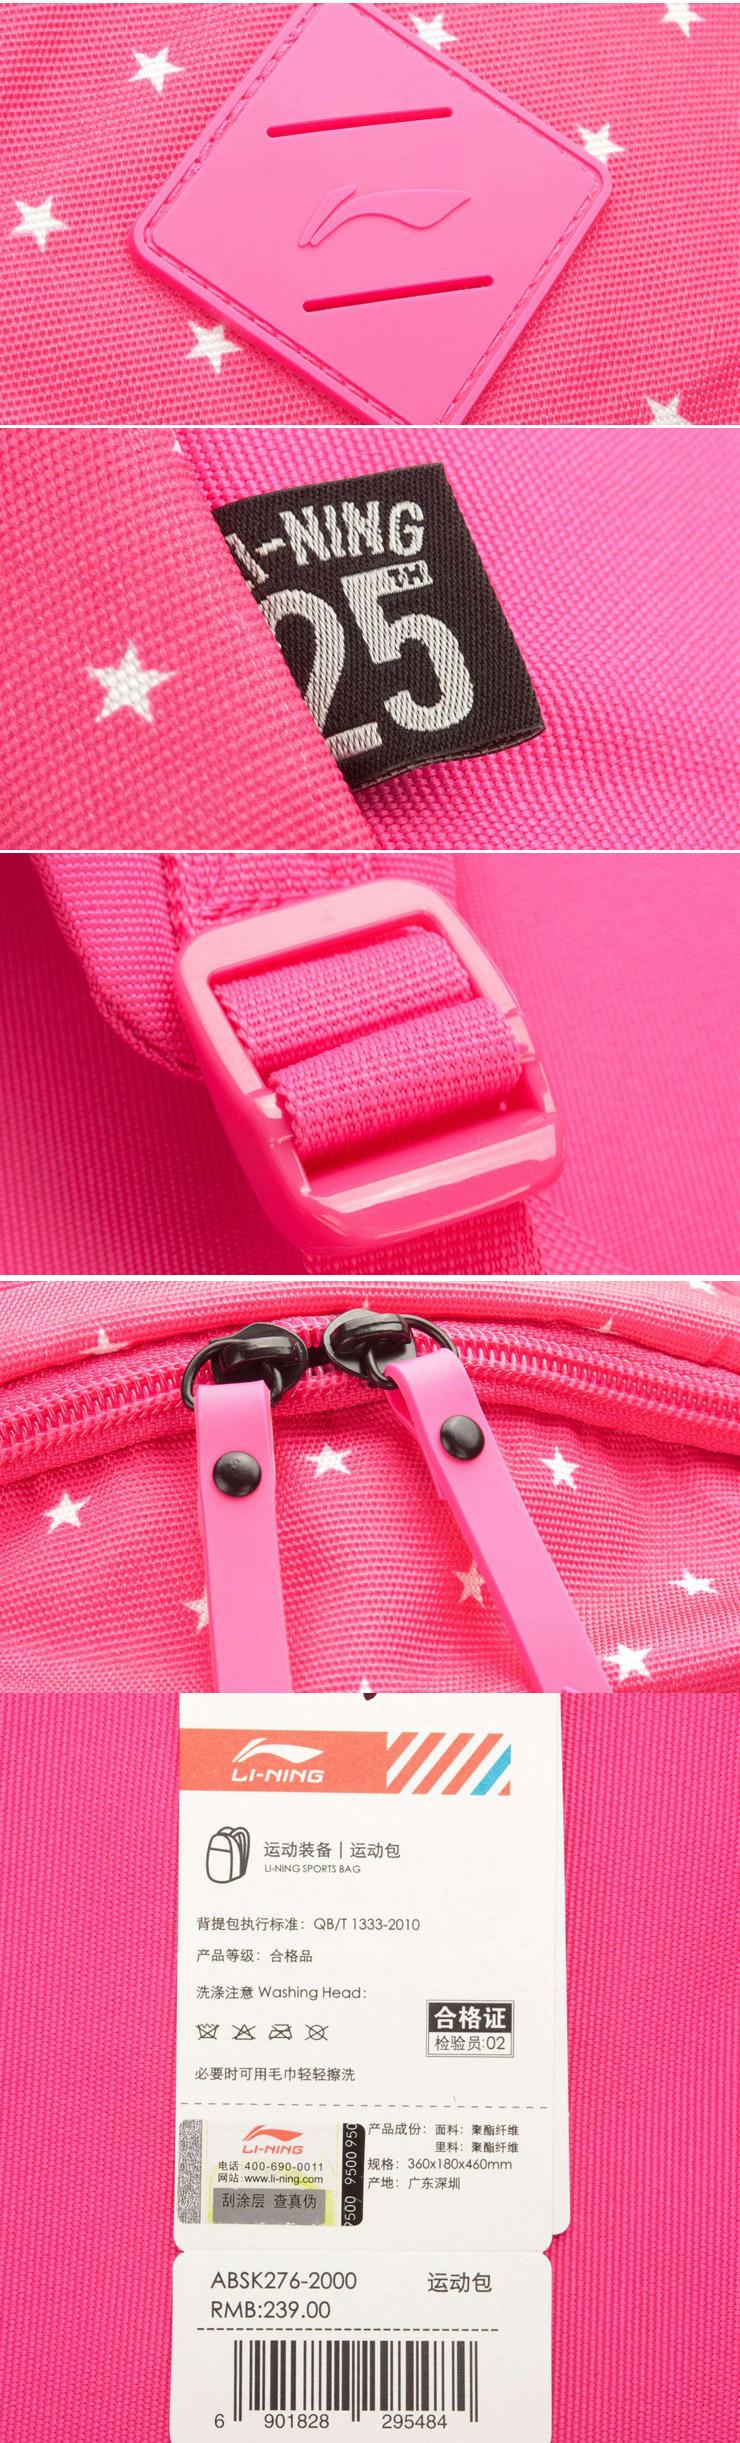 Túi thể thao nữ Lining ABSK318 2 ABSK318 2 325165440mm23 - ảnh 6